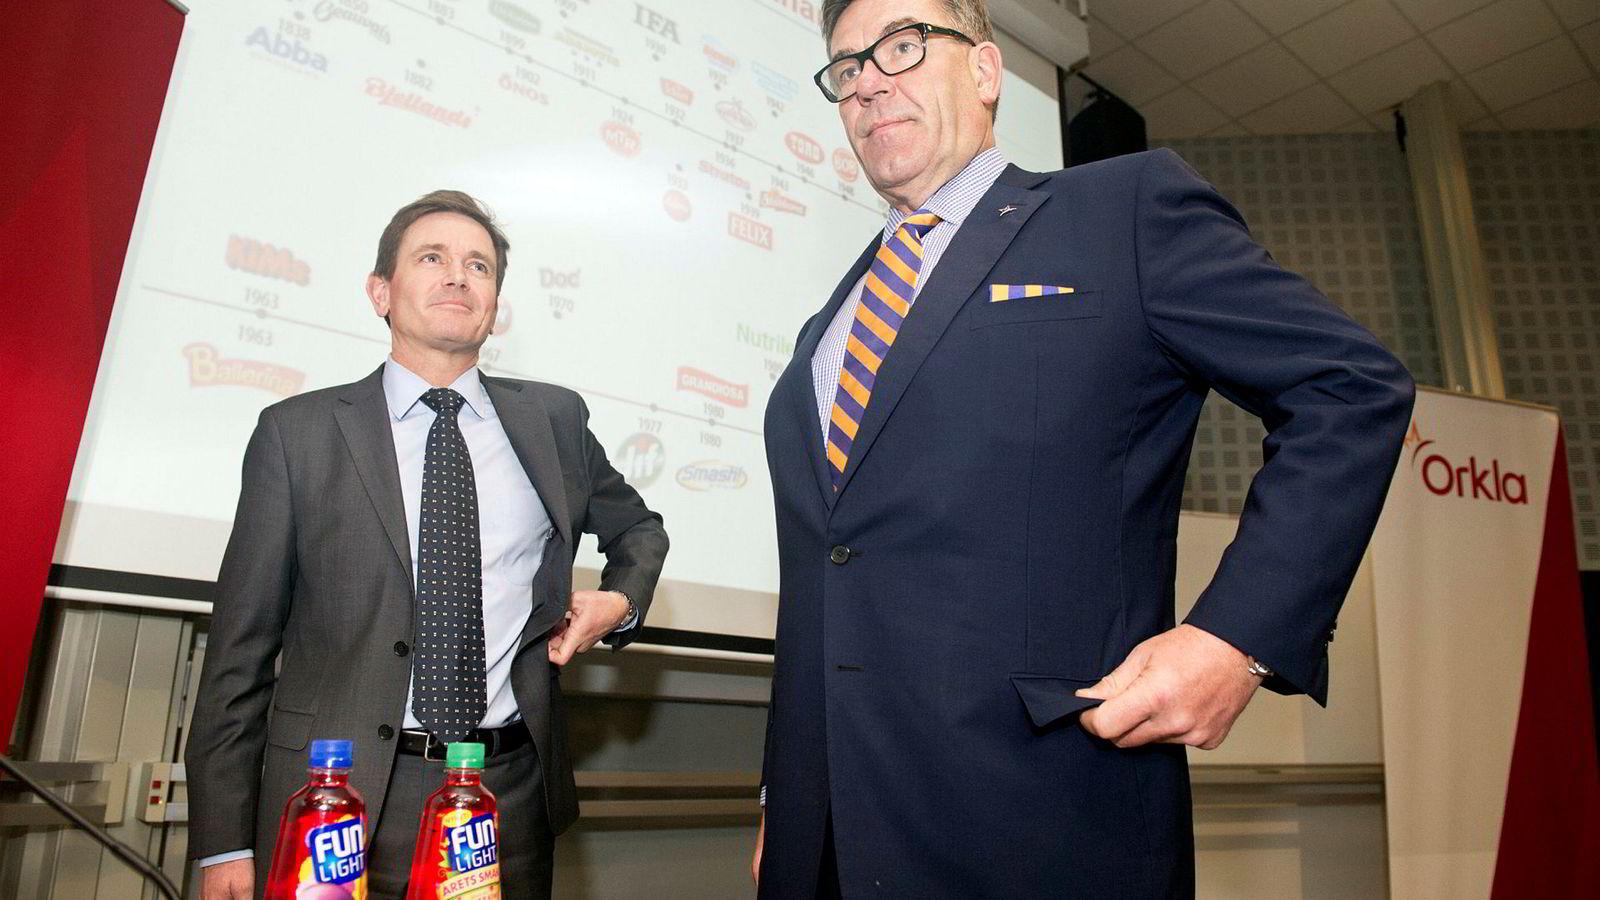 Orklas styreleder Stein Erik Hagen (t.h.) og Orkla-sjef Peter Ruzicka